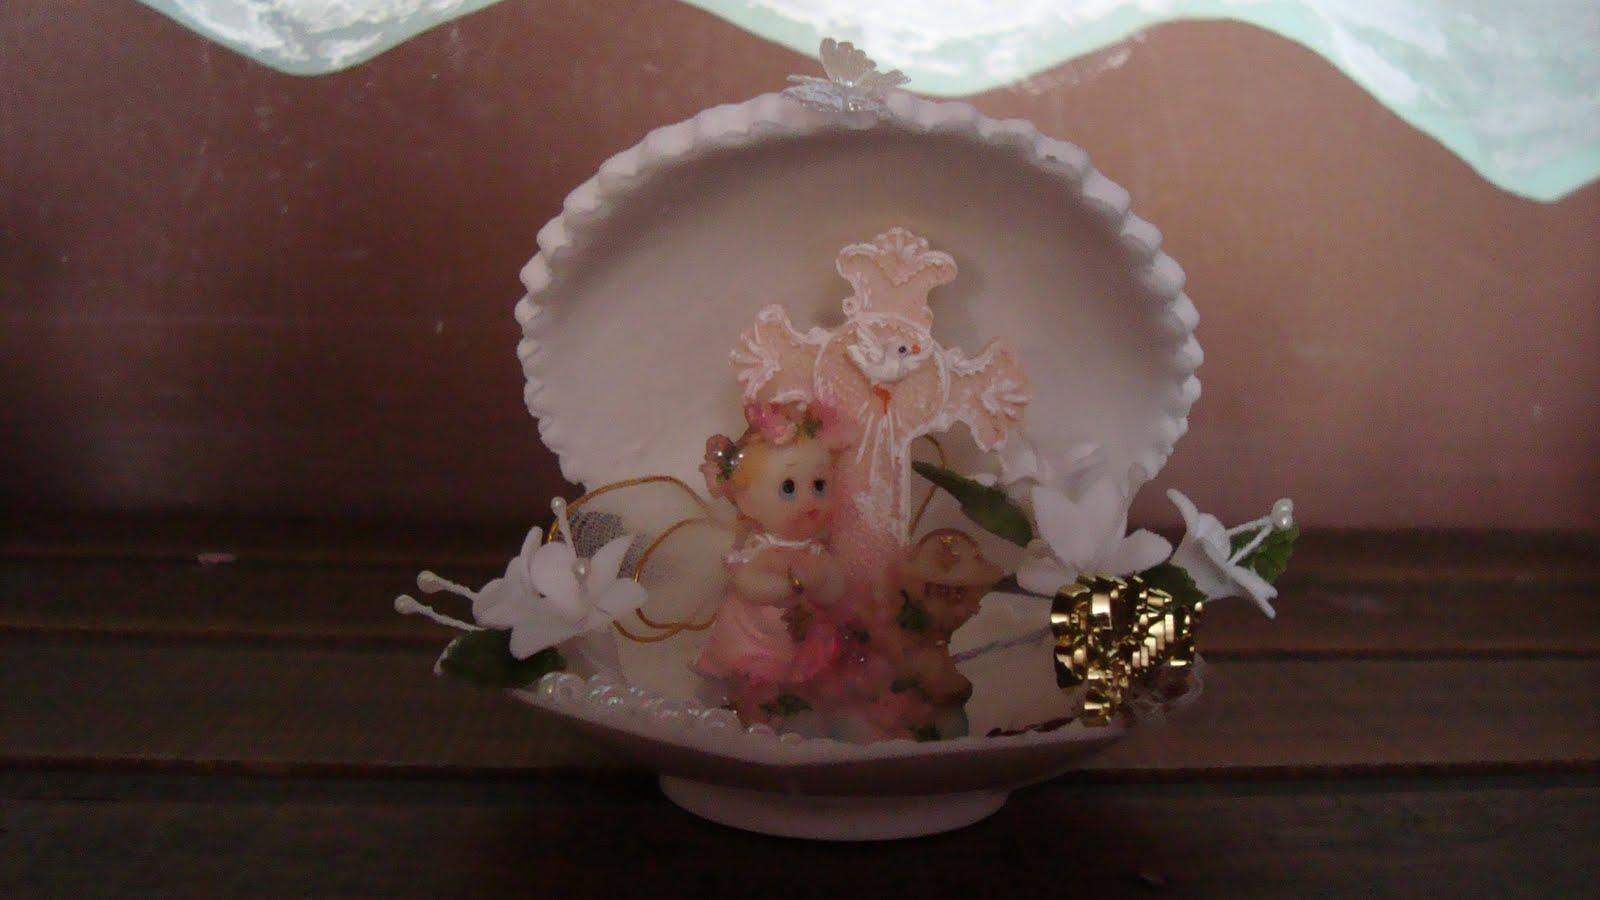 Pastillarte arte y decoraci n decoraciones bautizo ni o - Decoracion de bautizo nina ...